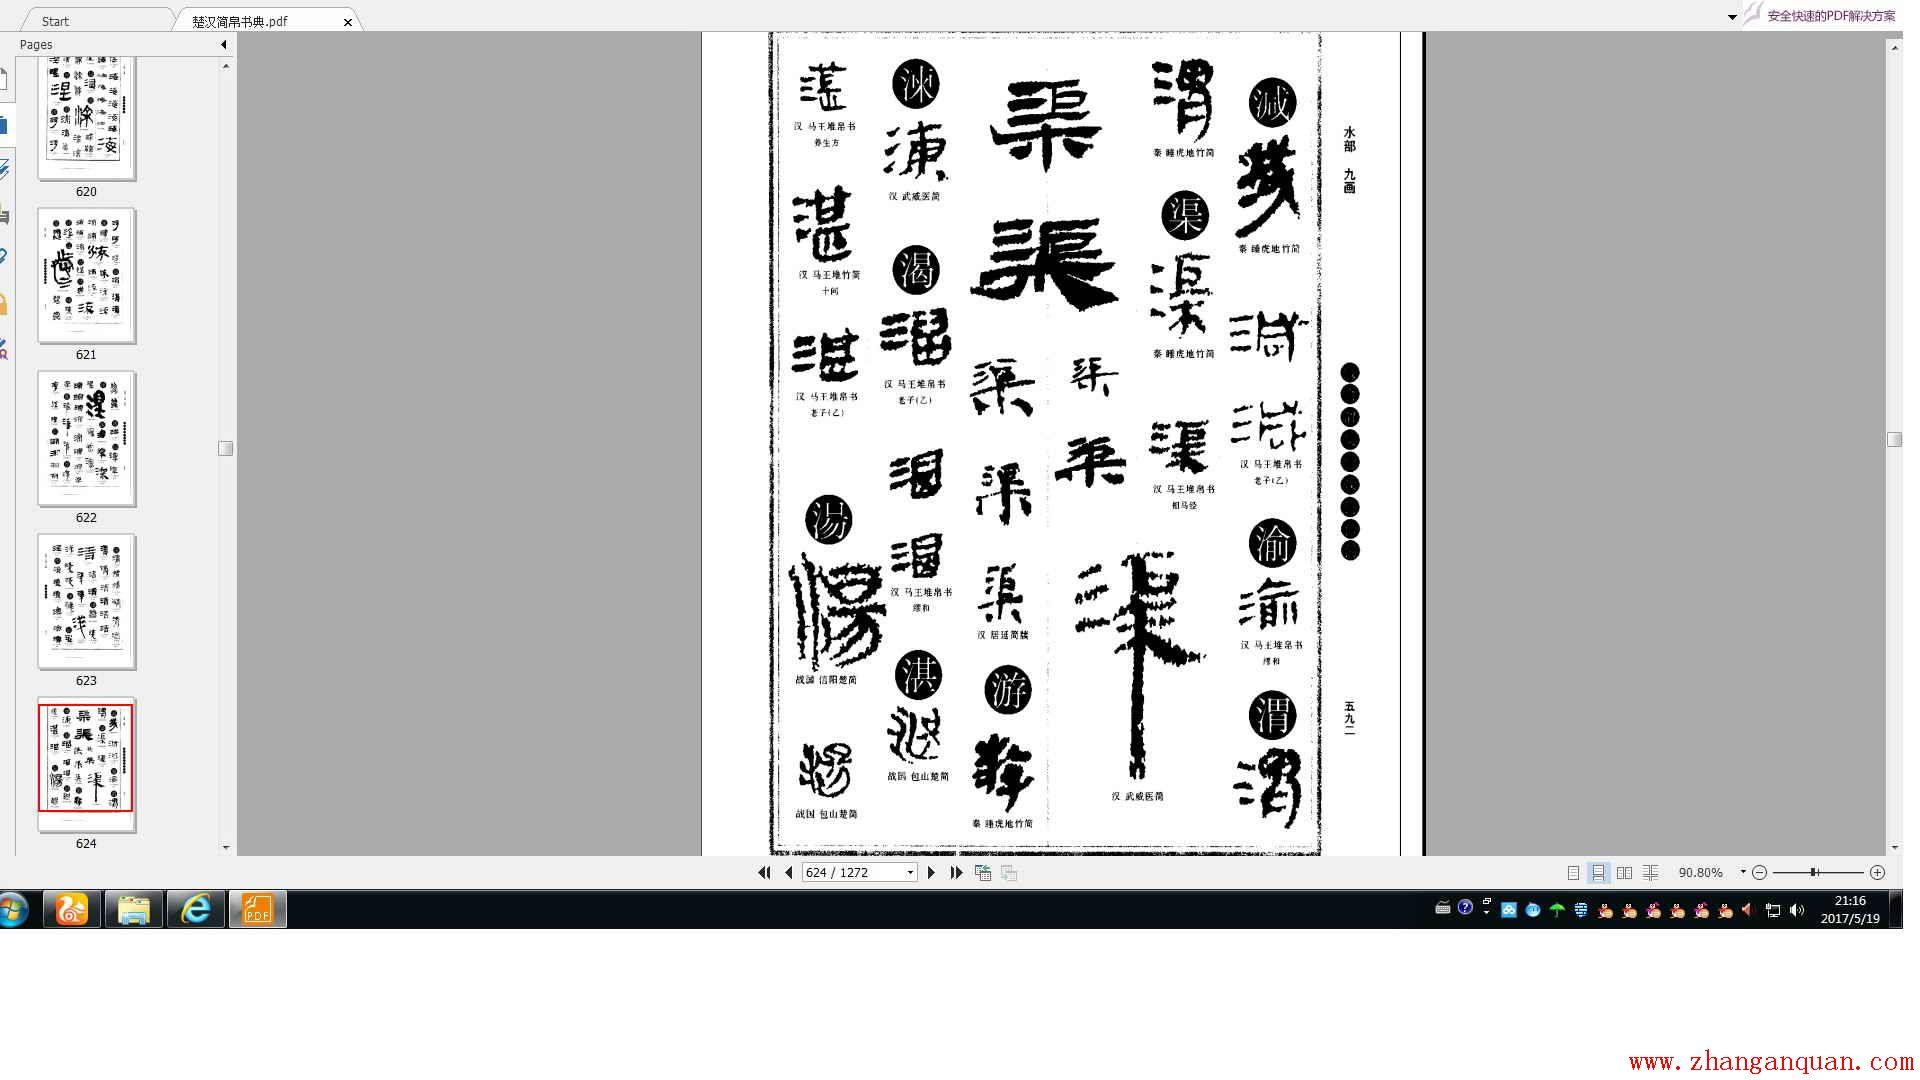 汉代时期湛与谌字的区别